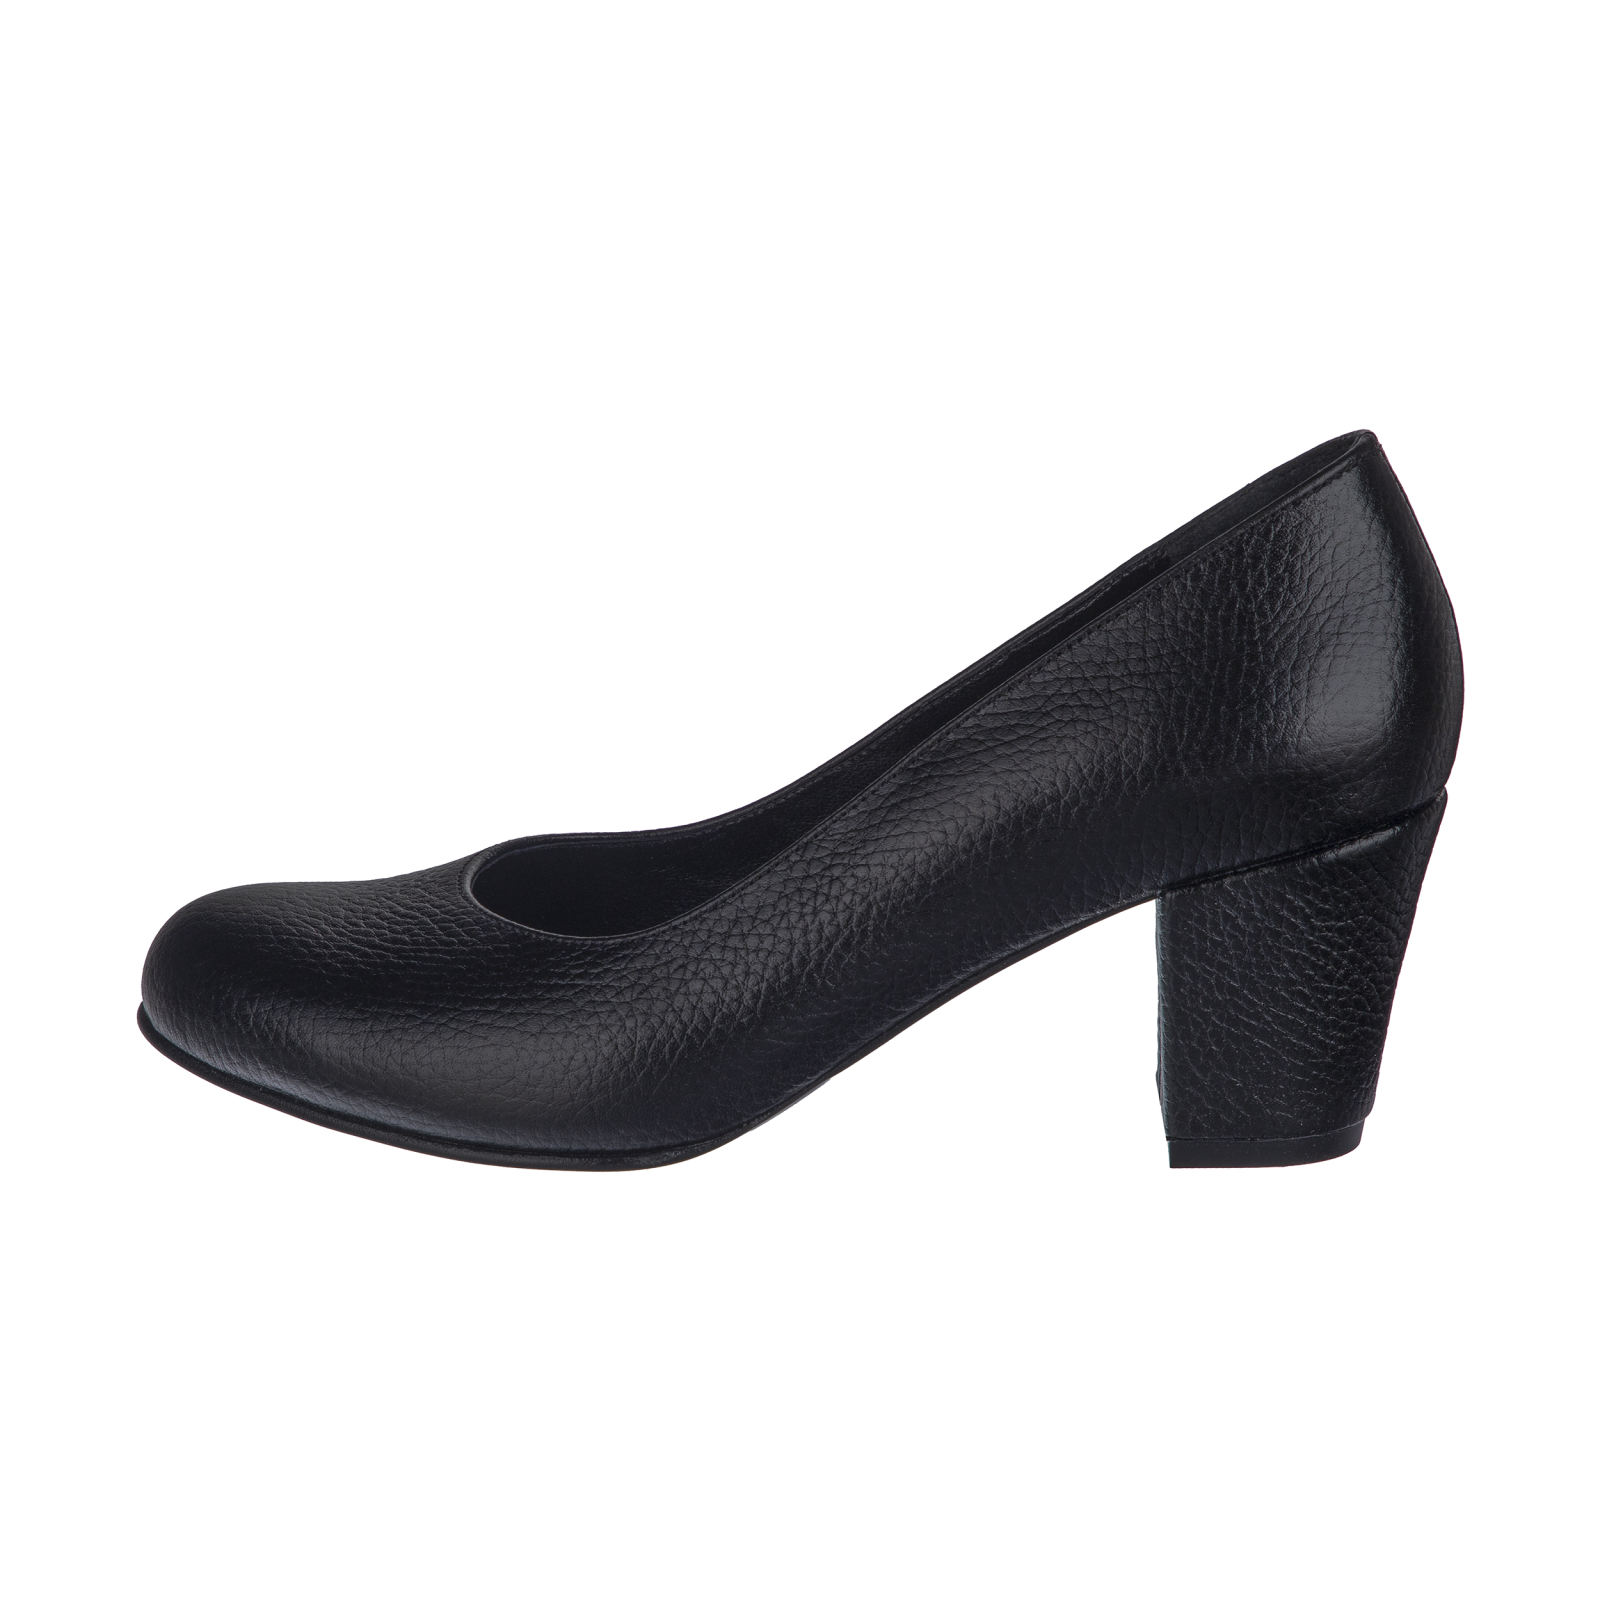 کفش زنانه دلفارد مدل 6394A500101 -  - 2